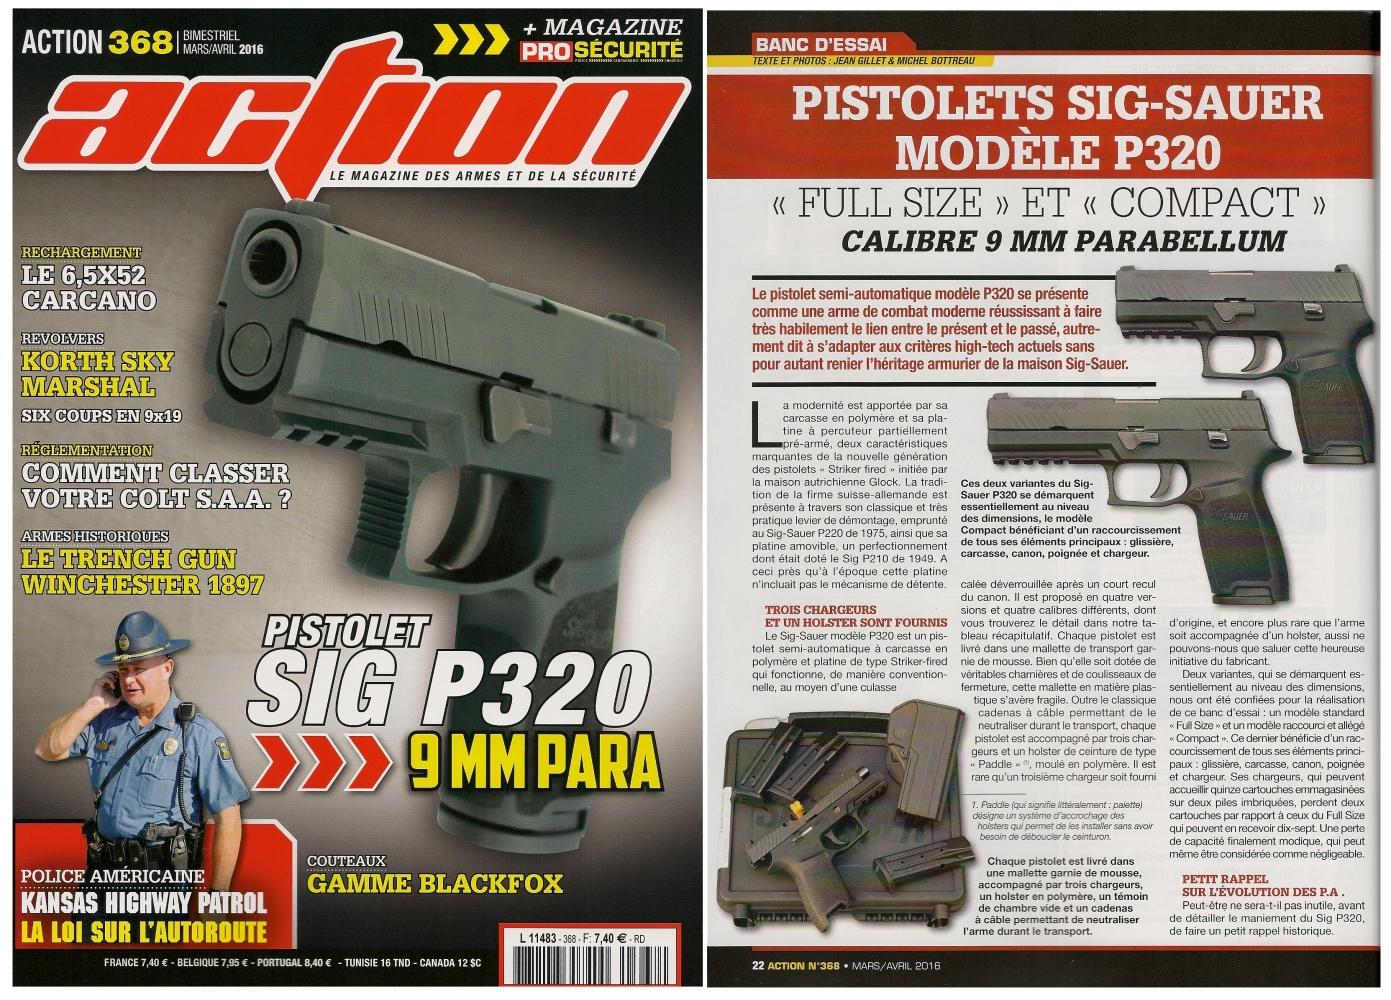 Le banc d'essai des pistolets Sig-Sauer P320 « Full size » et « Compact » a été publié sur 6 pages dans le magazine Action n°368 (mars/avril 2016)